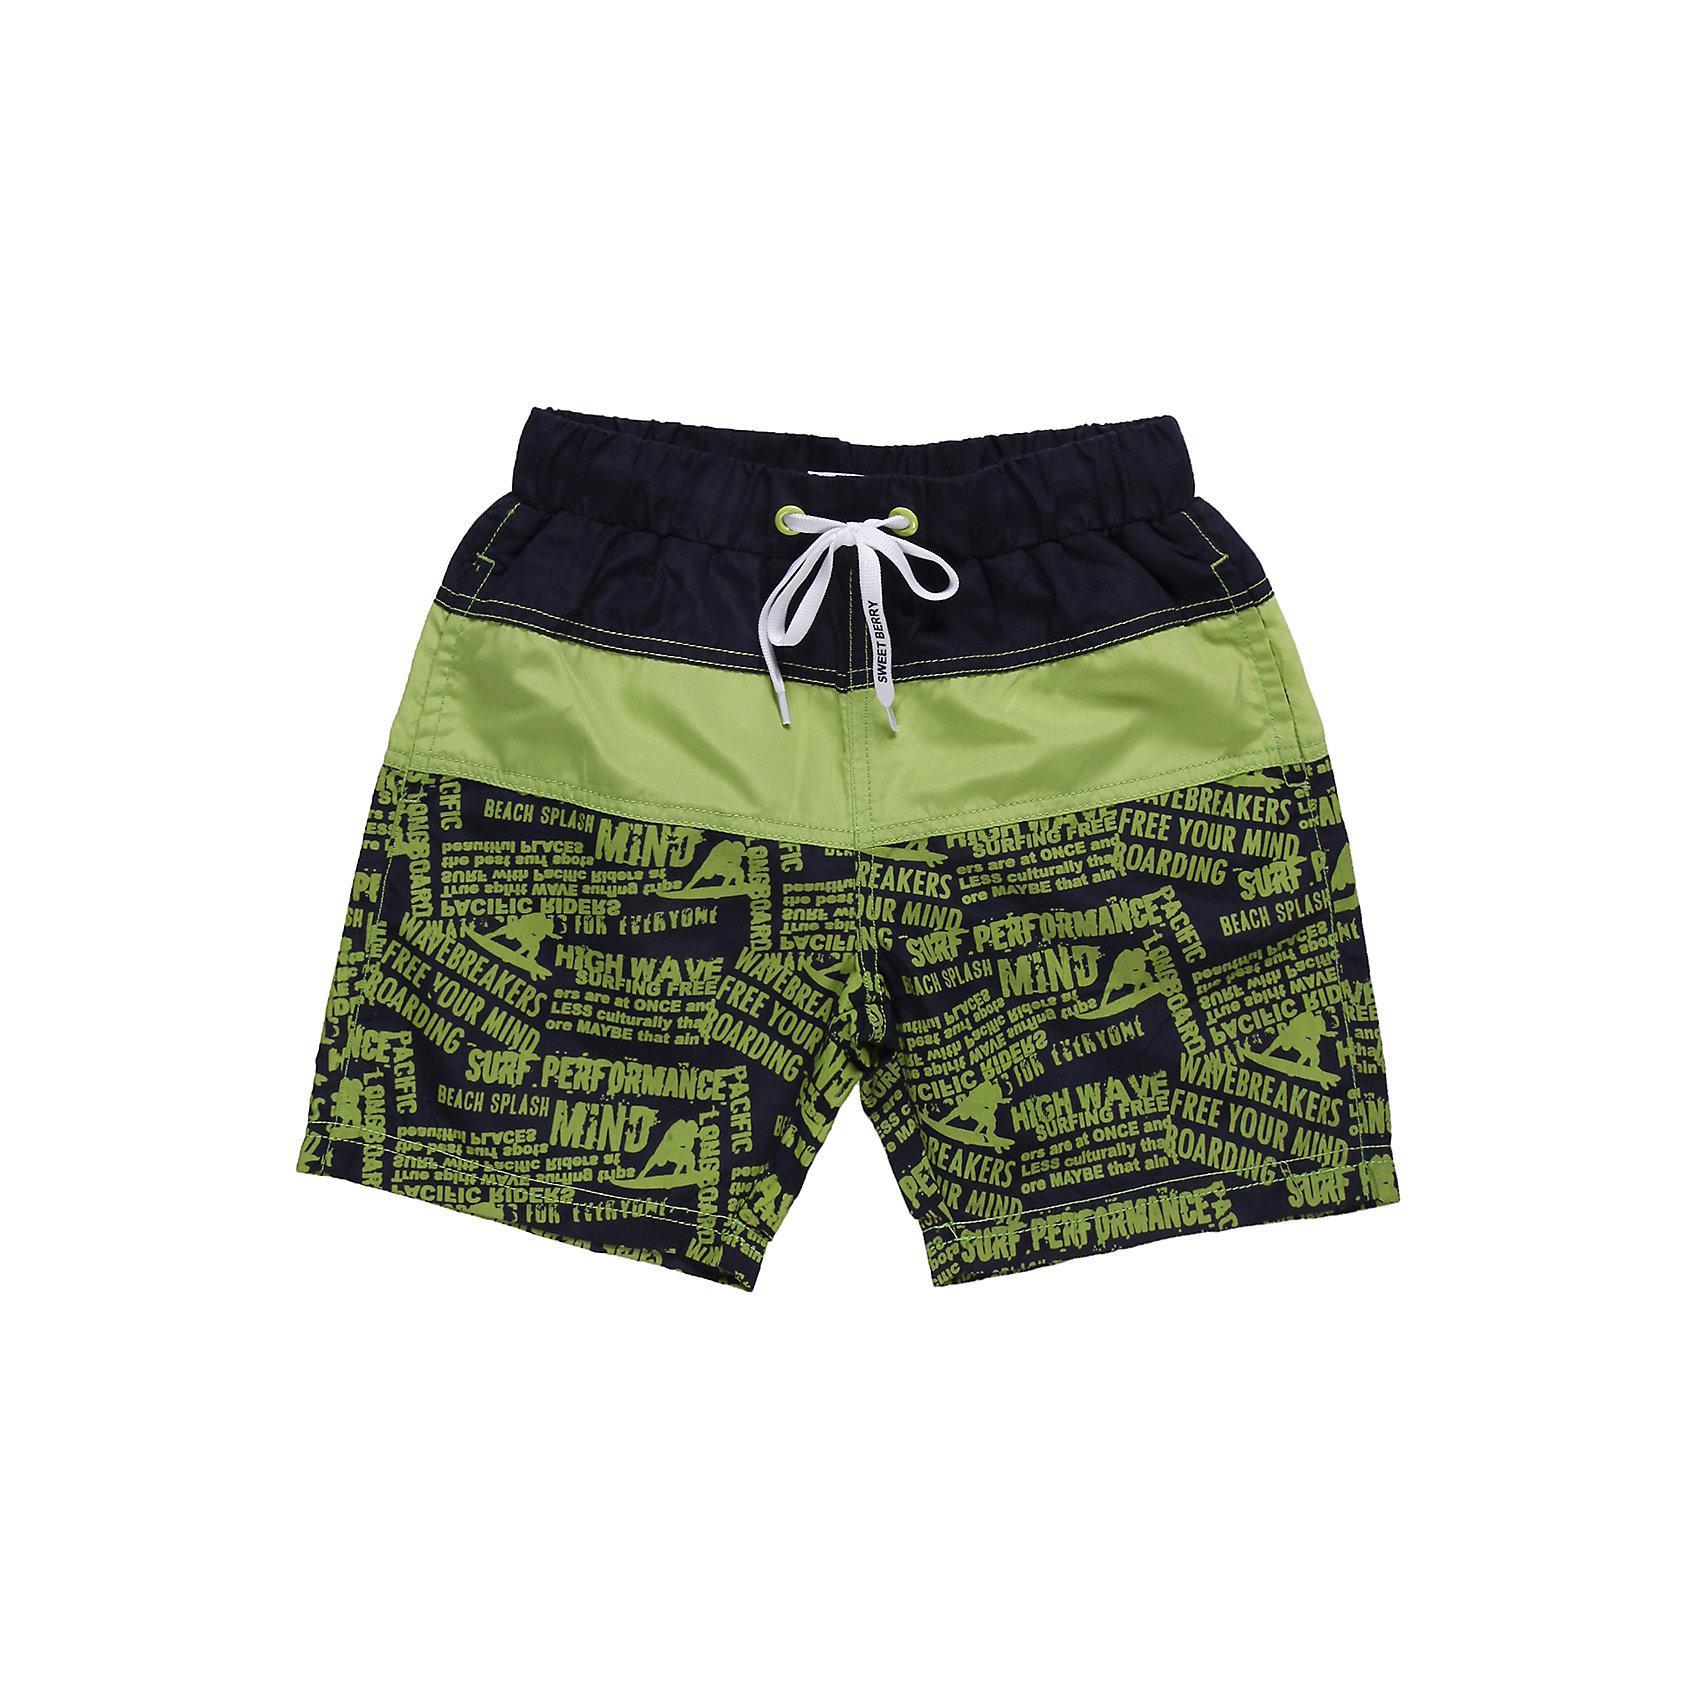 Шорты купальные для мальчика Sweet BerryКупальники и плавки<br>Яркие  пляжные шорты . Эластичный пояс на резинке, регулируется шнурком<br>Состав:<br>100% полиэстер<br><br>Ширина мм: 183<br>Глубина мм: 60<br>Высота мм: 135<br>Вес г: 119<br>Цвет: разноцветный<br>Возраст от месяцев: 36<br>Возраст до месяцев: 48<br>Пол: Мужской<br>Возраст: Детский<br>Размер: 104,122,110,116,128,98<br>SKU: 4522880